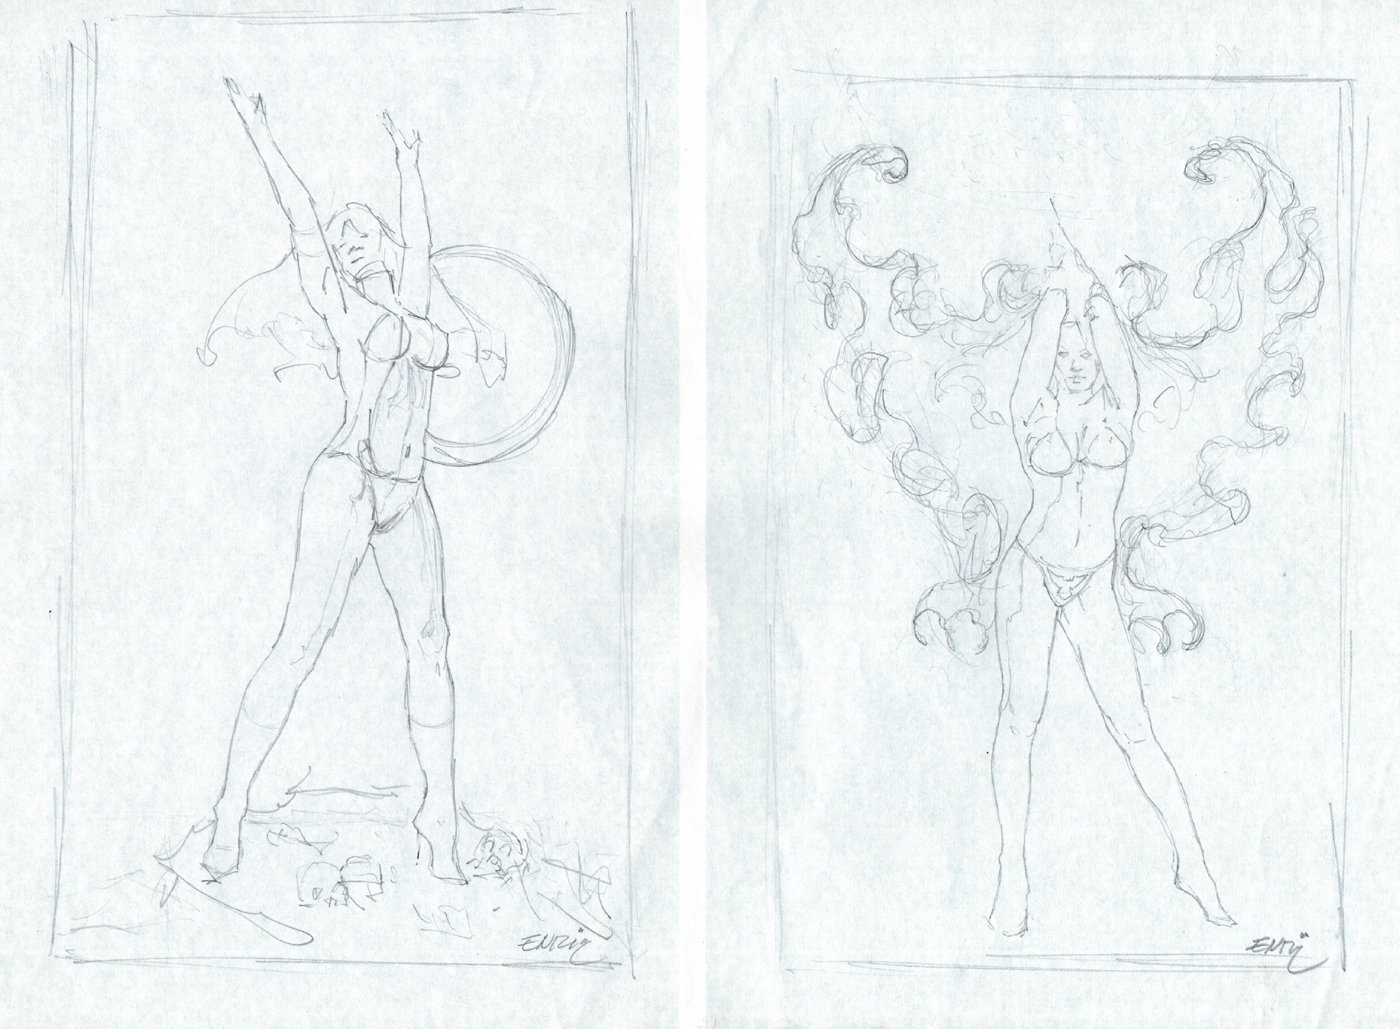 2 Vampirella Pencil Prelim Drawings For Painting